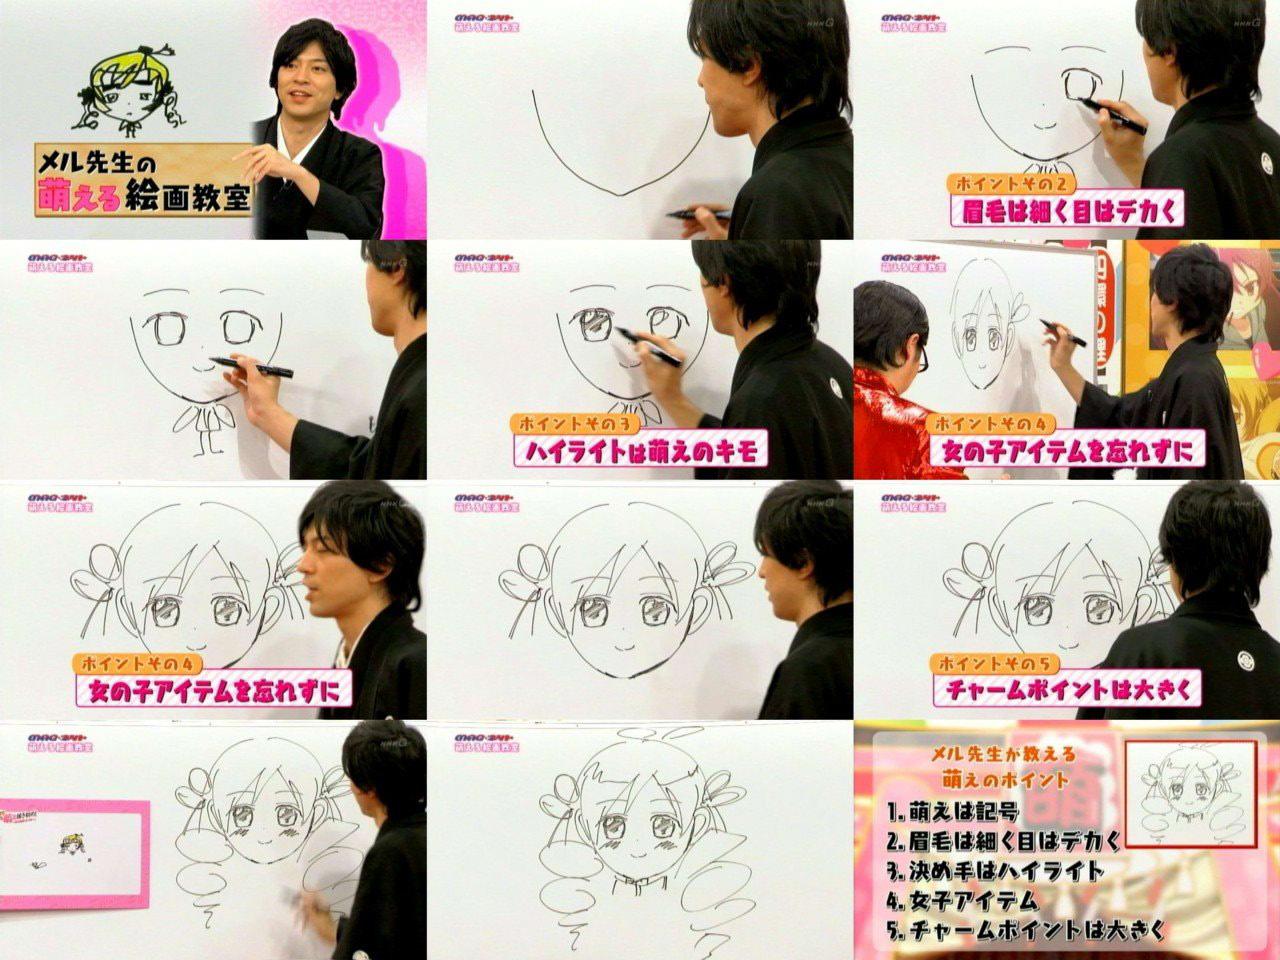 120107_kisidameru_05.jpg